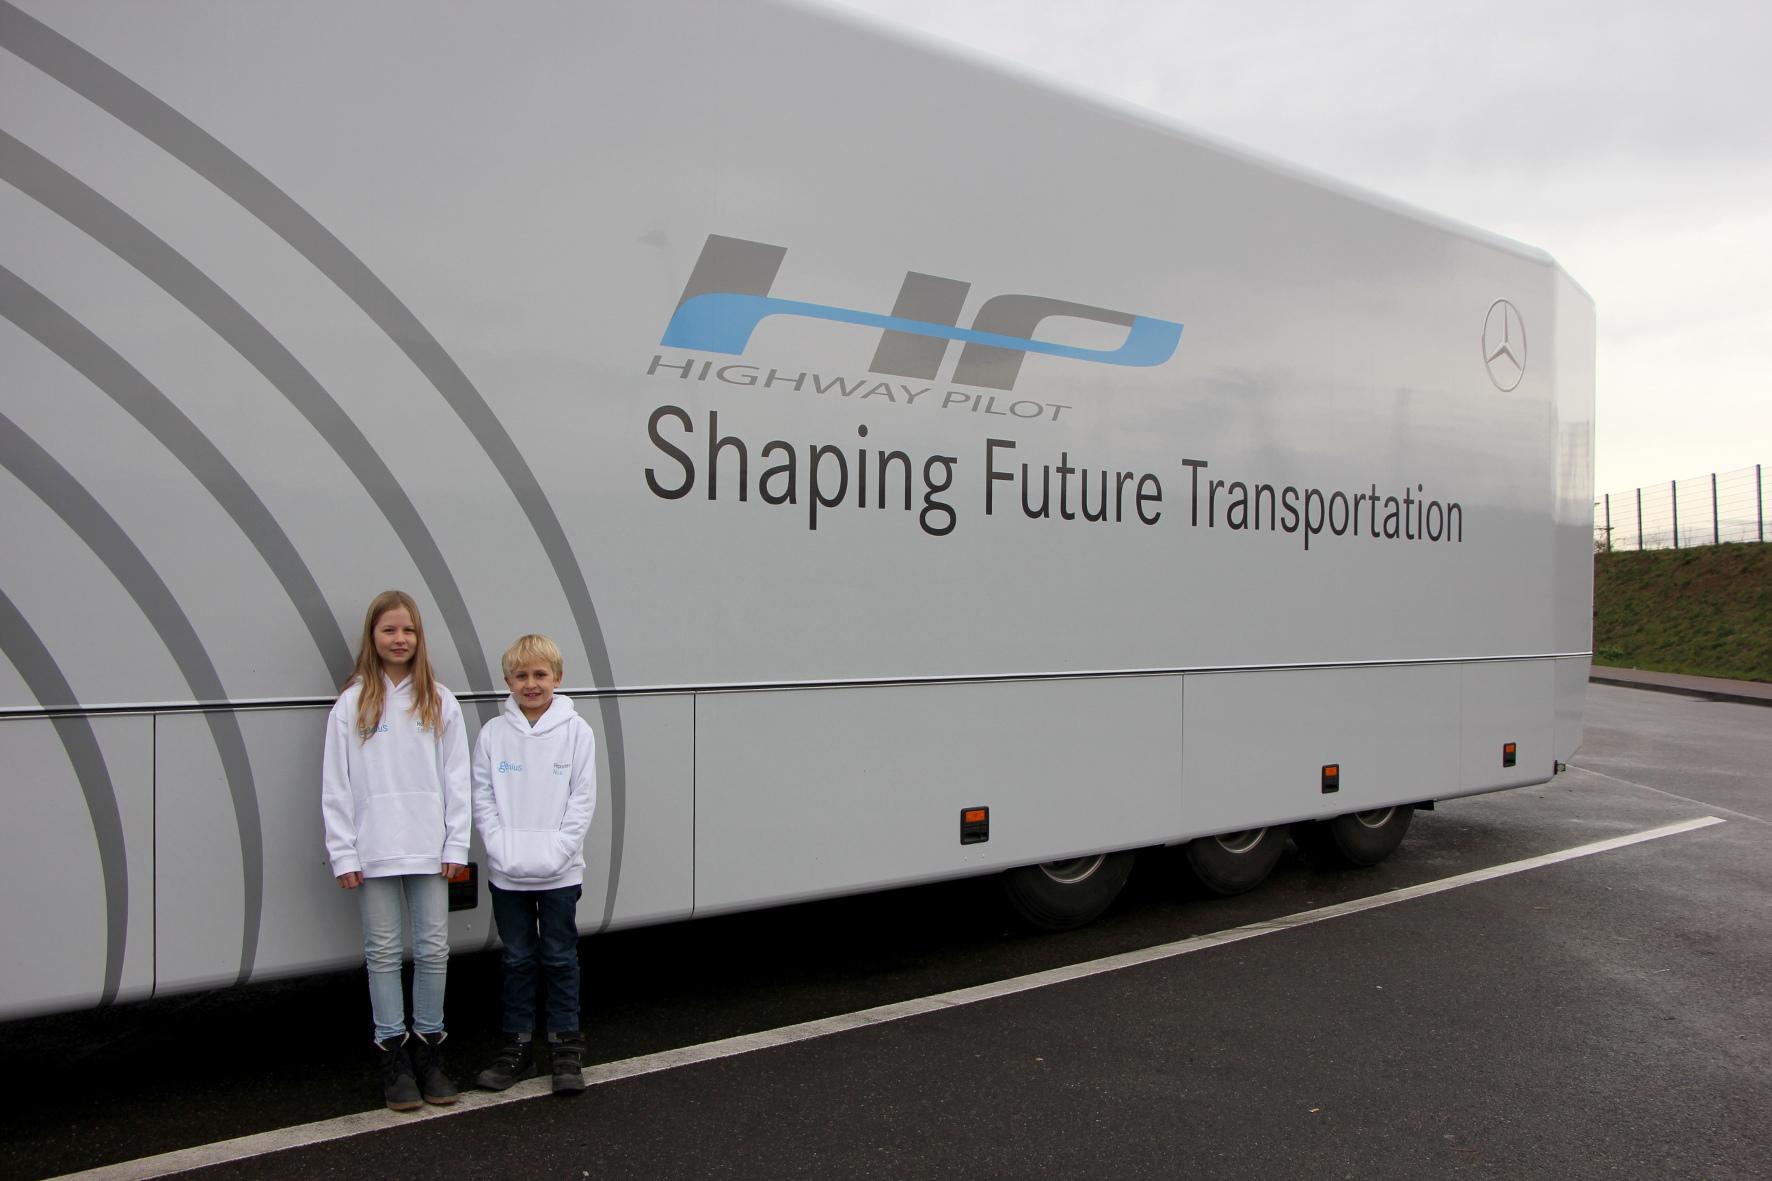 mid Groß-Gerau - Die Kinder-Reporter Emma Reinke (11) und Nick Hoffmann (10) lernen schon in jungen Jahren, wie selbst fahrende Fahrzeuge funktionieren. In einem autonom fahrenden Mercedes-Benz Actros wird die Mobilität ihrer Zukunft erlebbar.